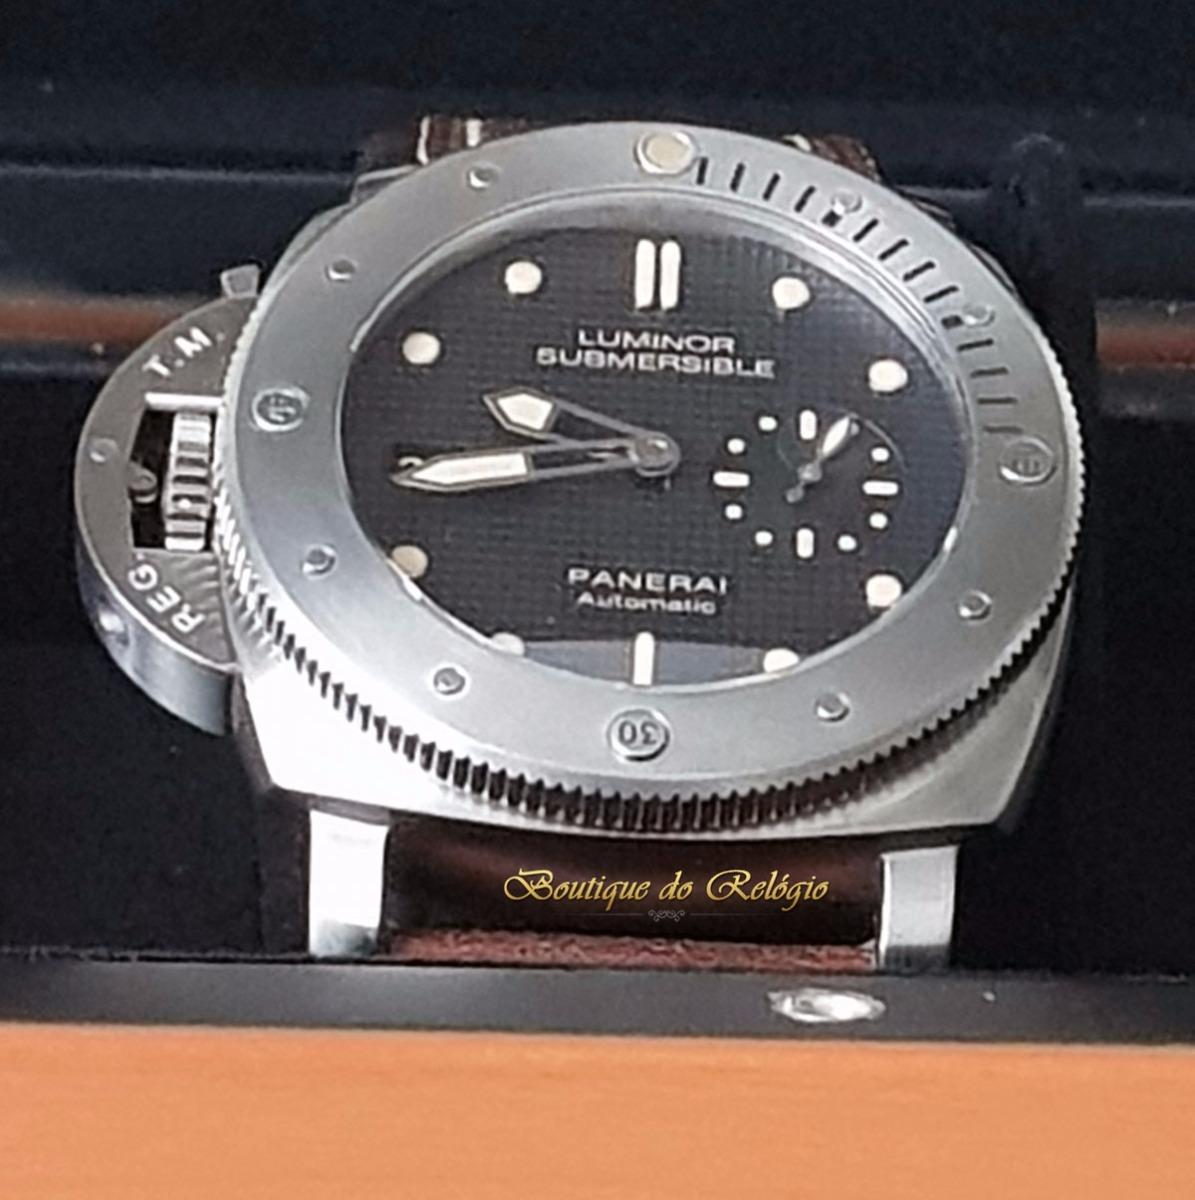 52741780a8c relógio eta submersible 1950 3 days automatic titanium inver. Carregando  zoom.